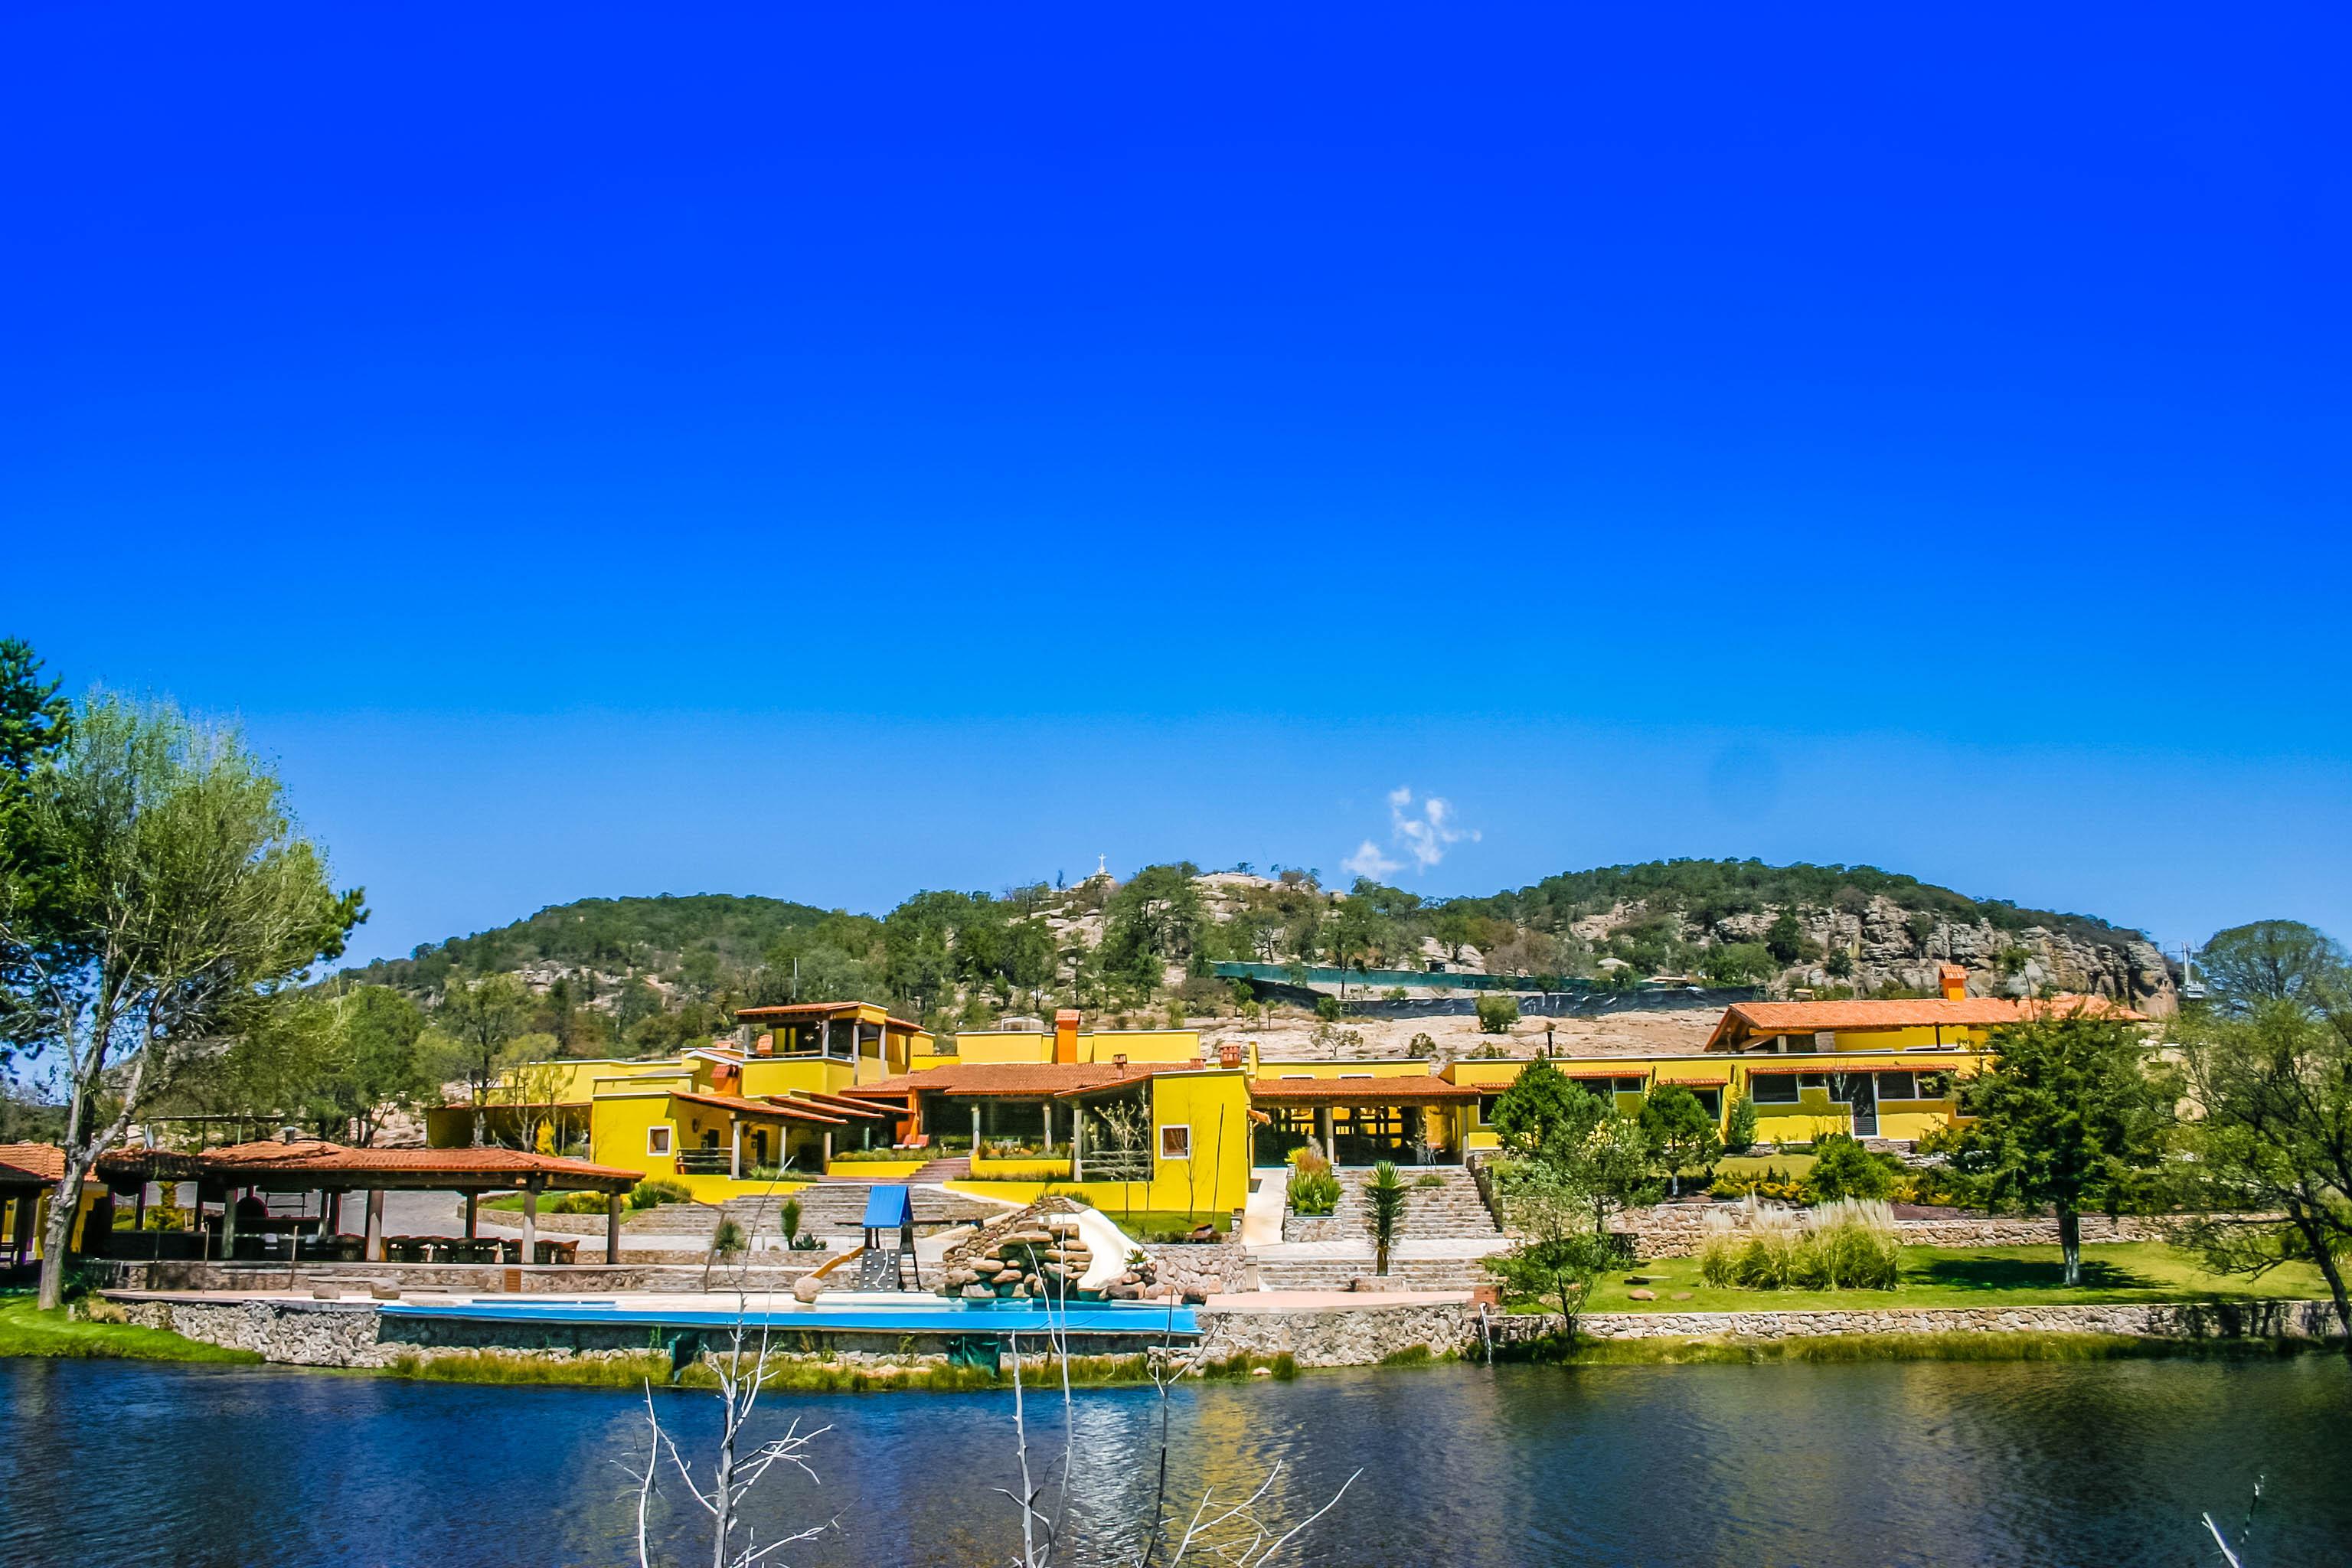 hotel boutique rancho bernalejo